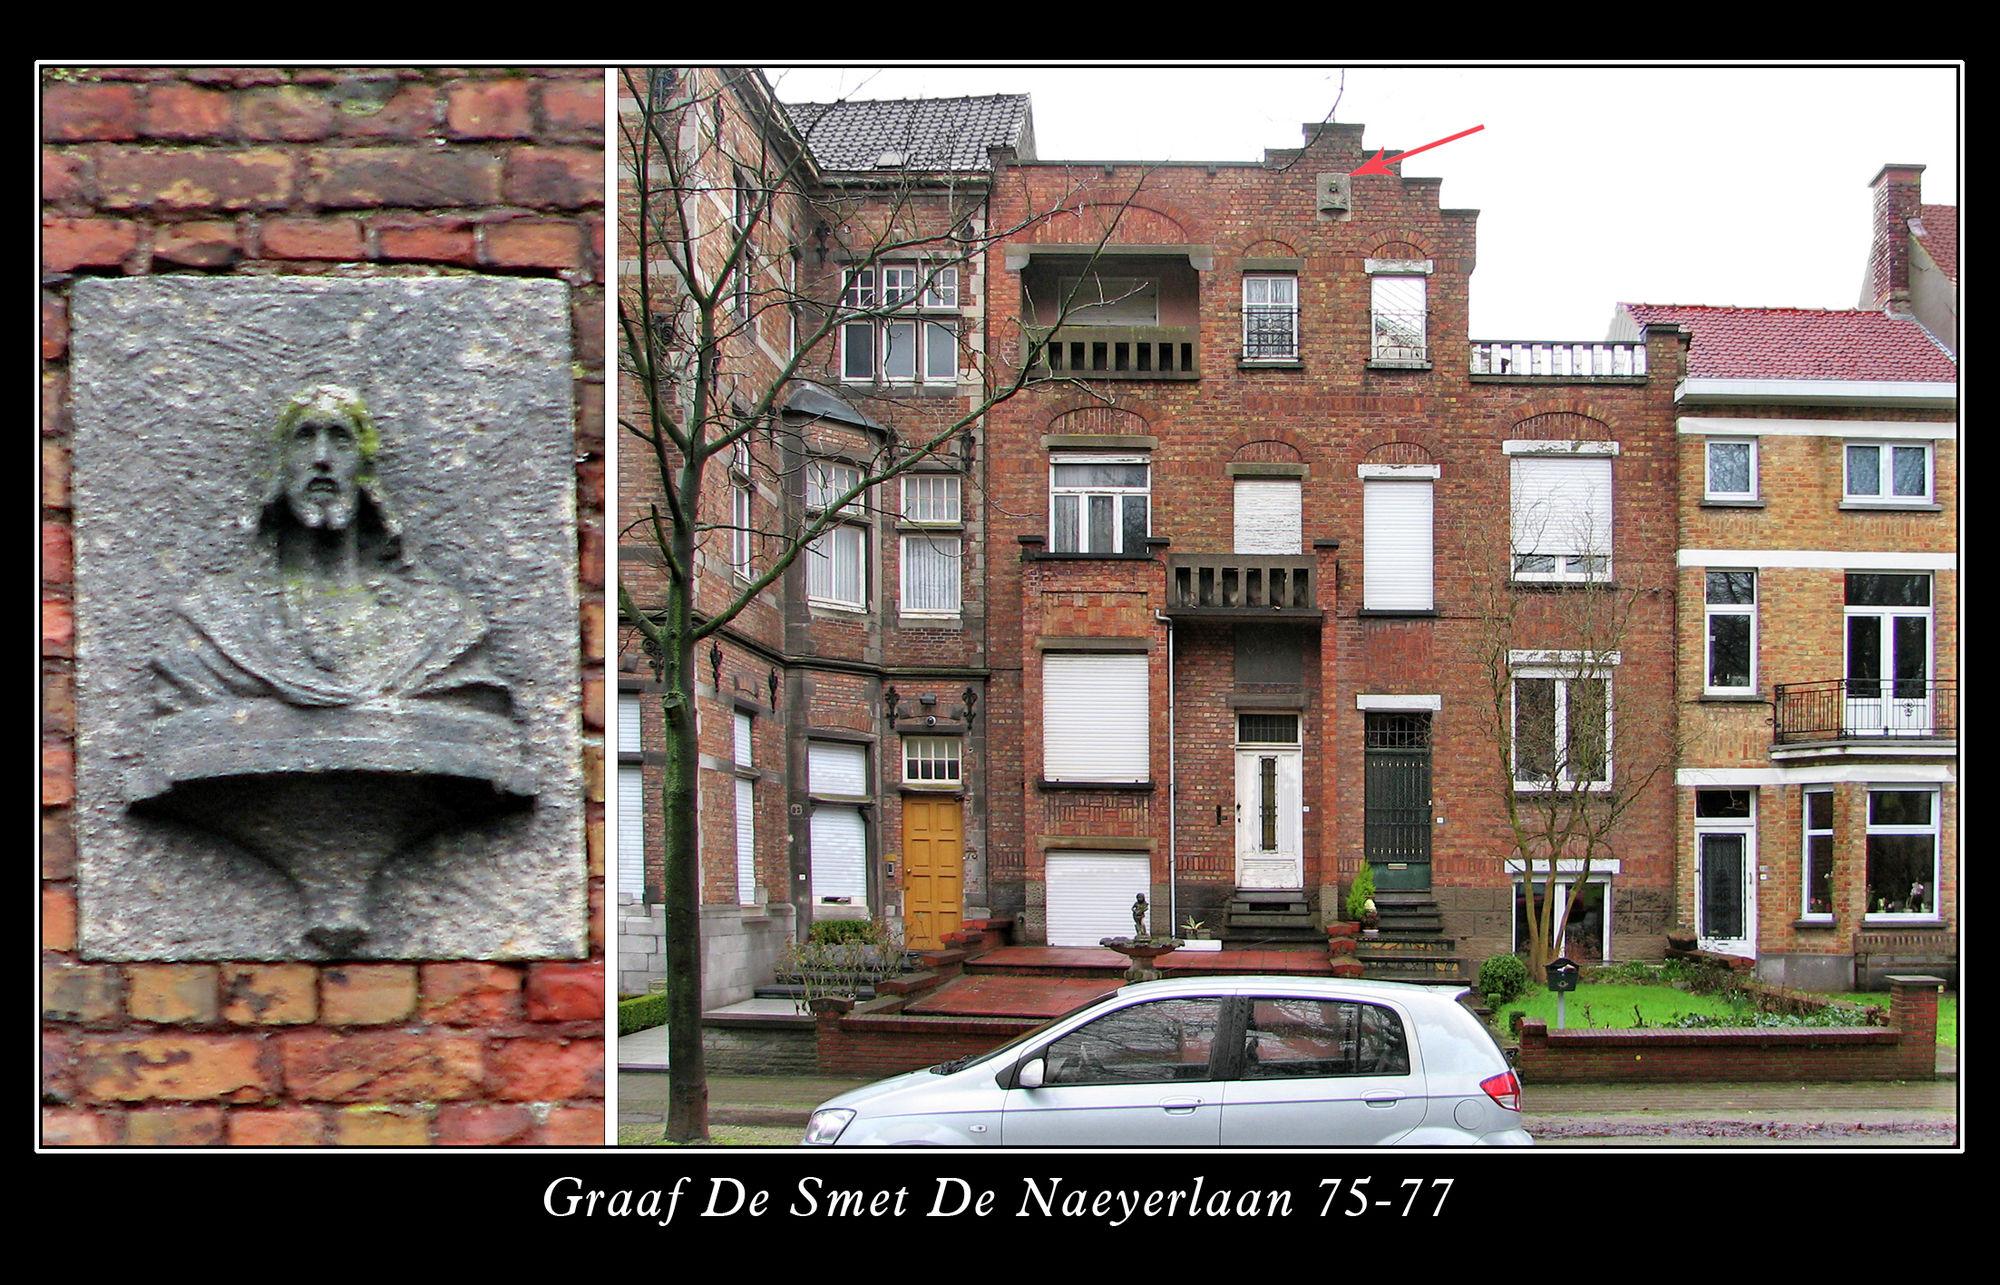 Muurkapel Graaf De Smet De Naeyerlaan